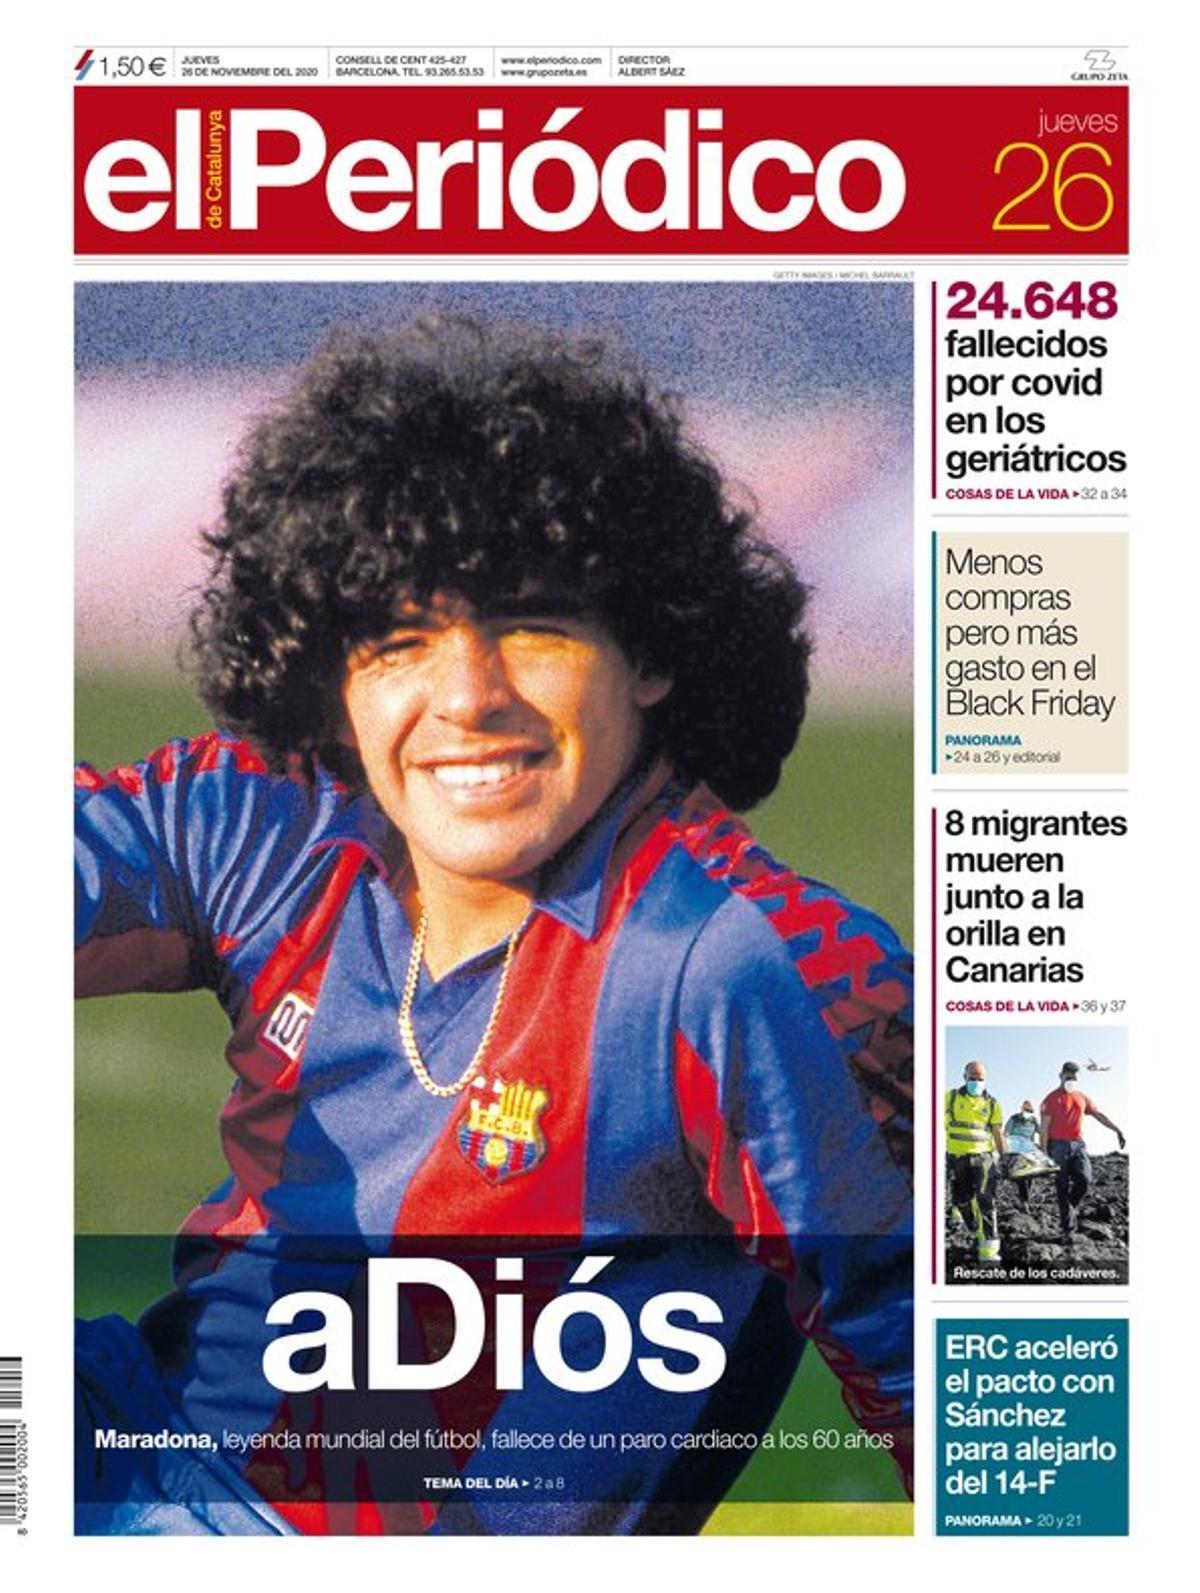 La portada d'EL PERIÓDICO del 26 de novembre del 2020